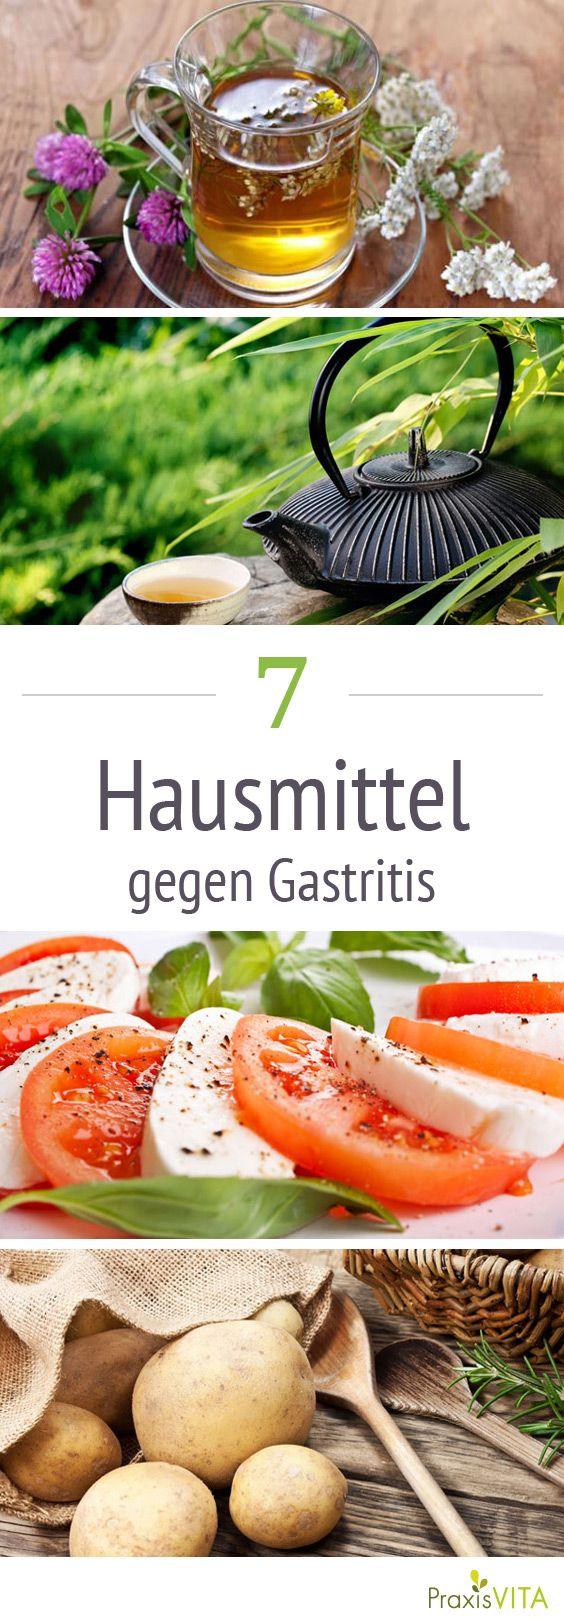 Was hilft wirklich bei Gastritis? In unserer Bildergalerie haben wir die besten Hausmittel für Sie zusammengestellt.